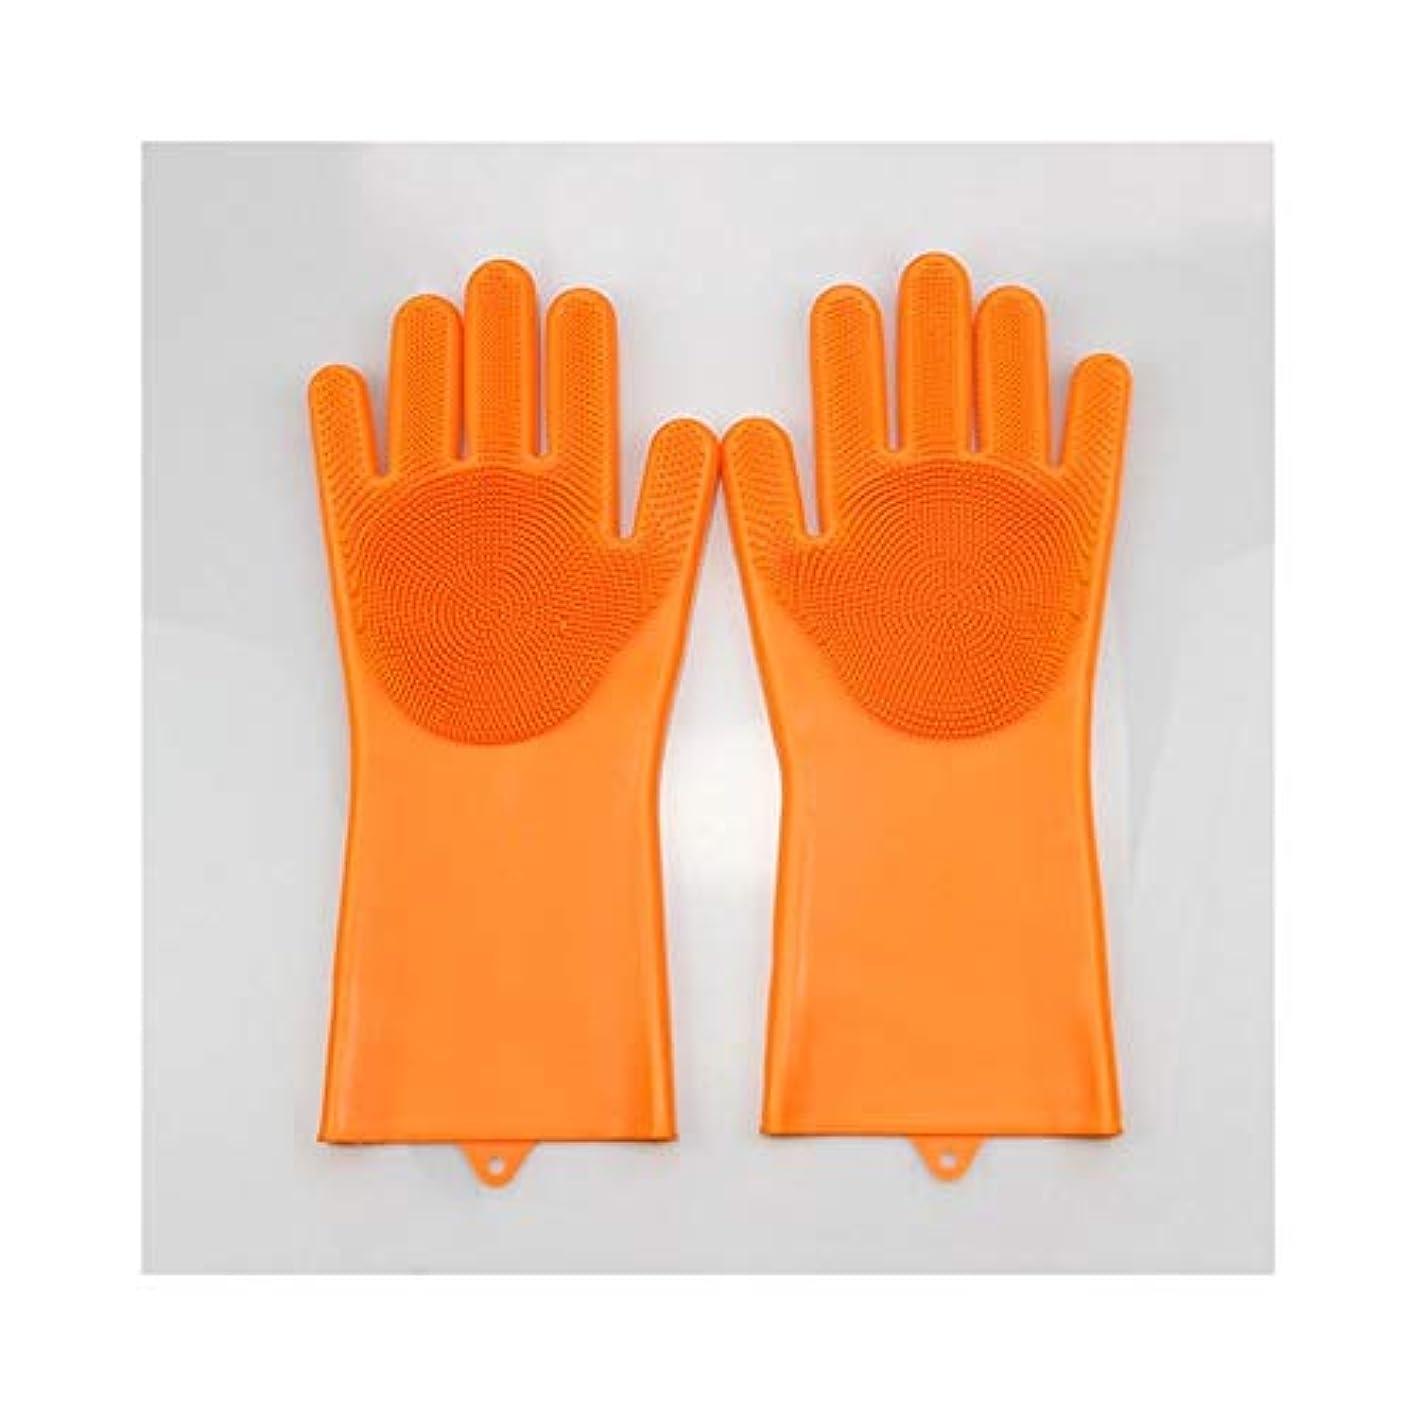 出発銀河協力するBTXXYJP キッチン用手袋 手袋 掃除用 ロング 耐摩耗 食器洗い 作業 掃除 炊事 食器洗い 園芸 洗車 防水 手袋 (Color : Orange, Size : L)